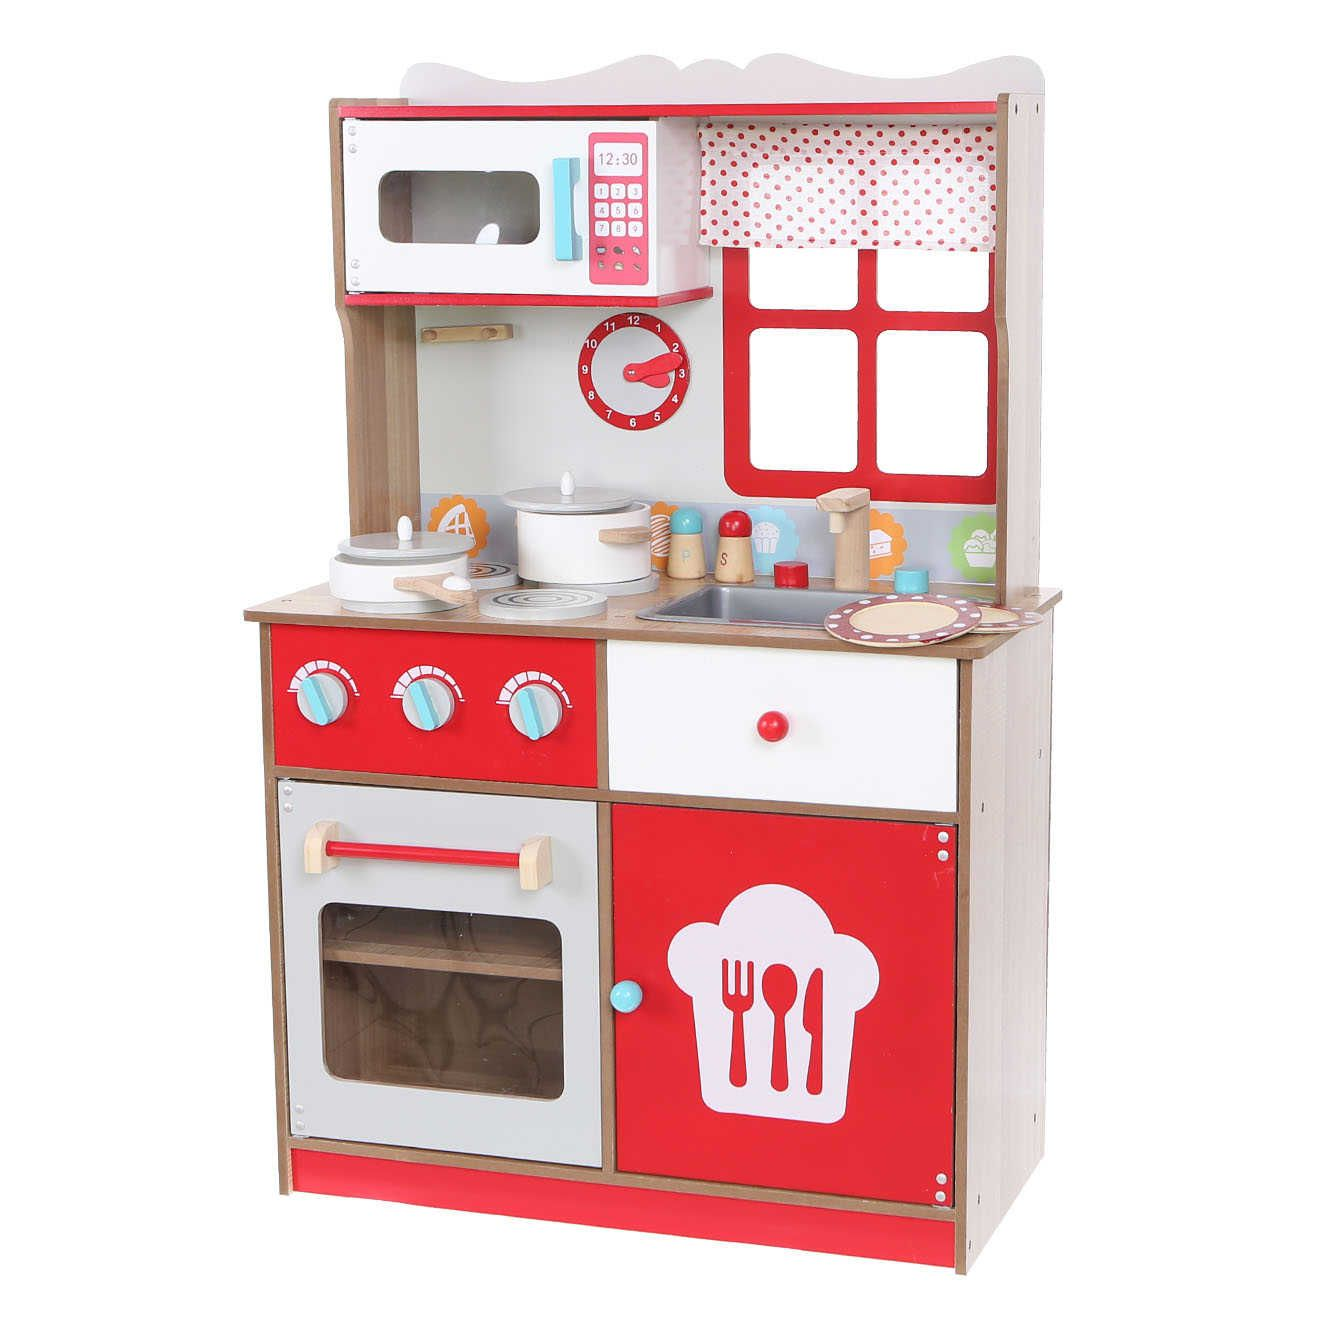 Kuchnia Drewniana Z Wyposażeniem Dla Dzieci